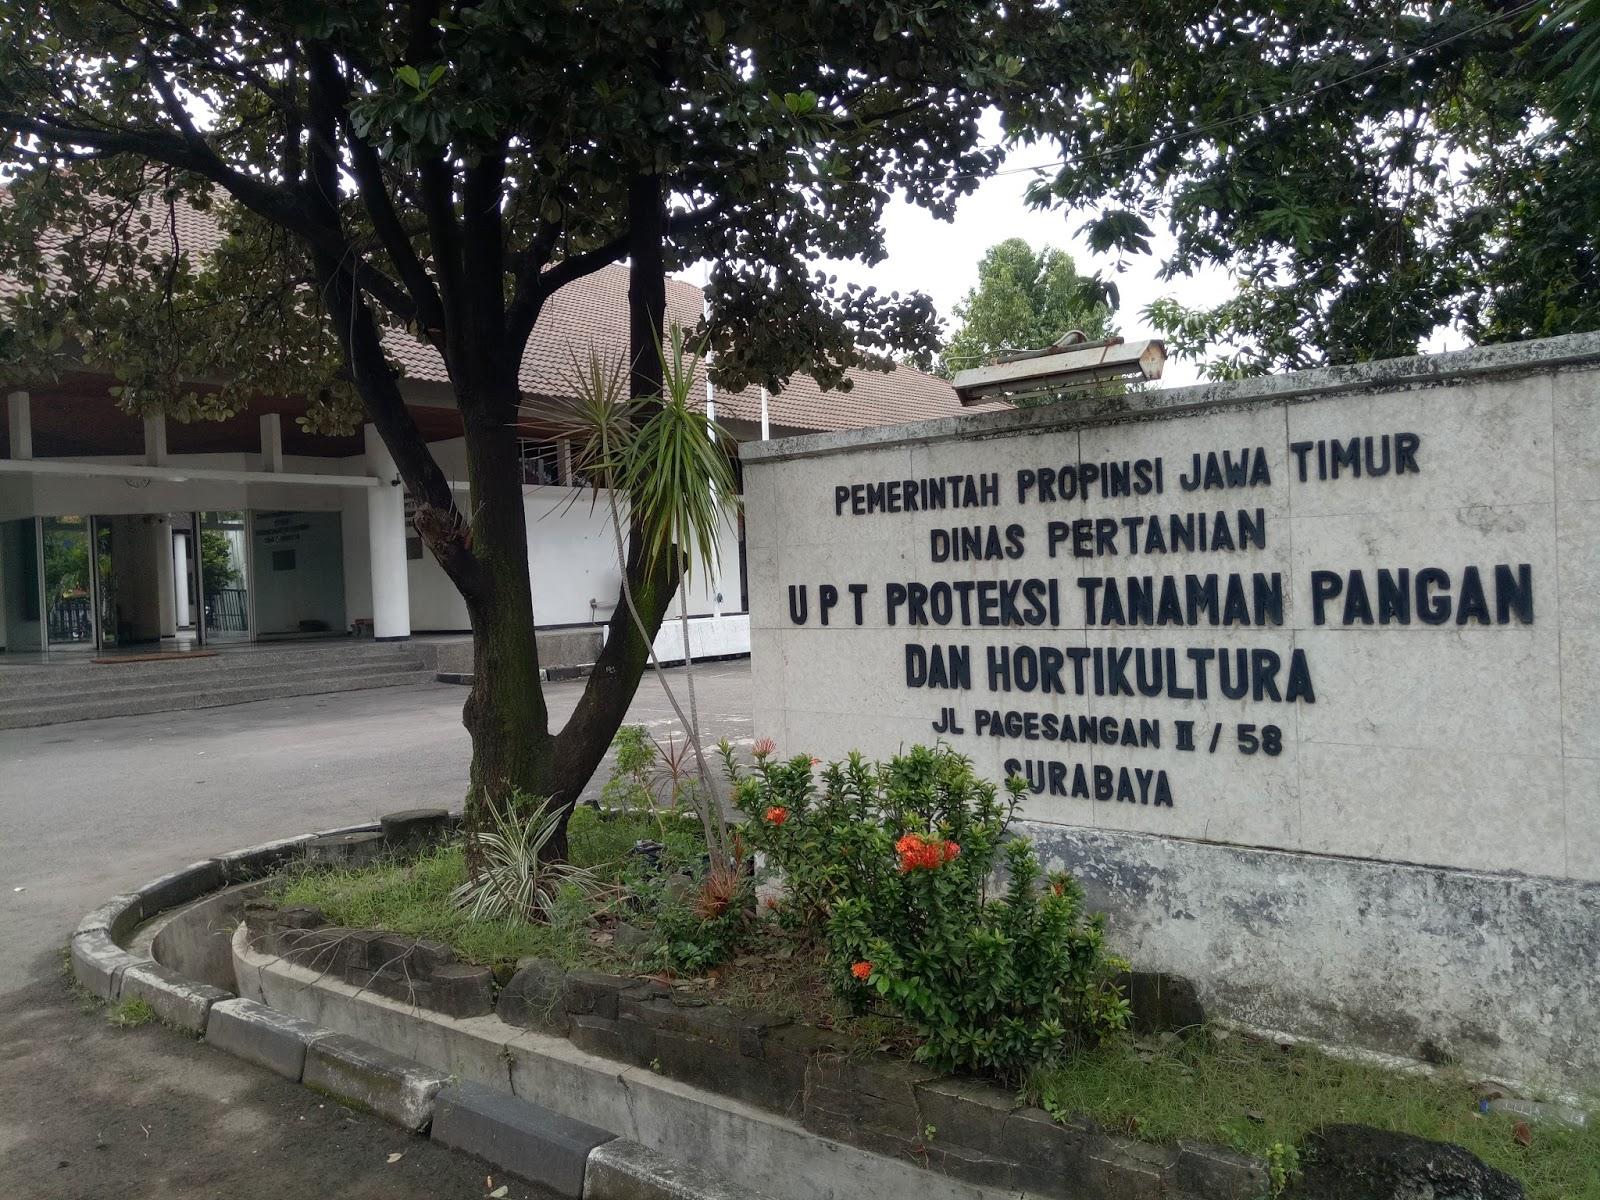 Upt Proteksi Tanaman Pangan Dan Hortikultura Provinsi Jawa Timur